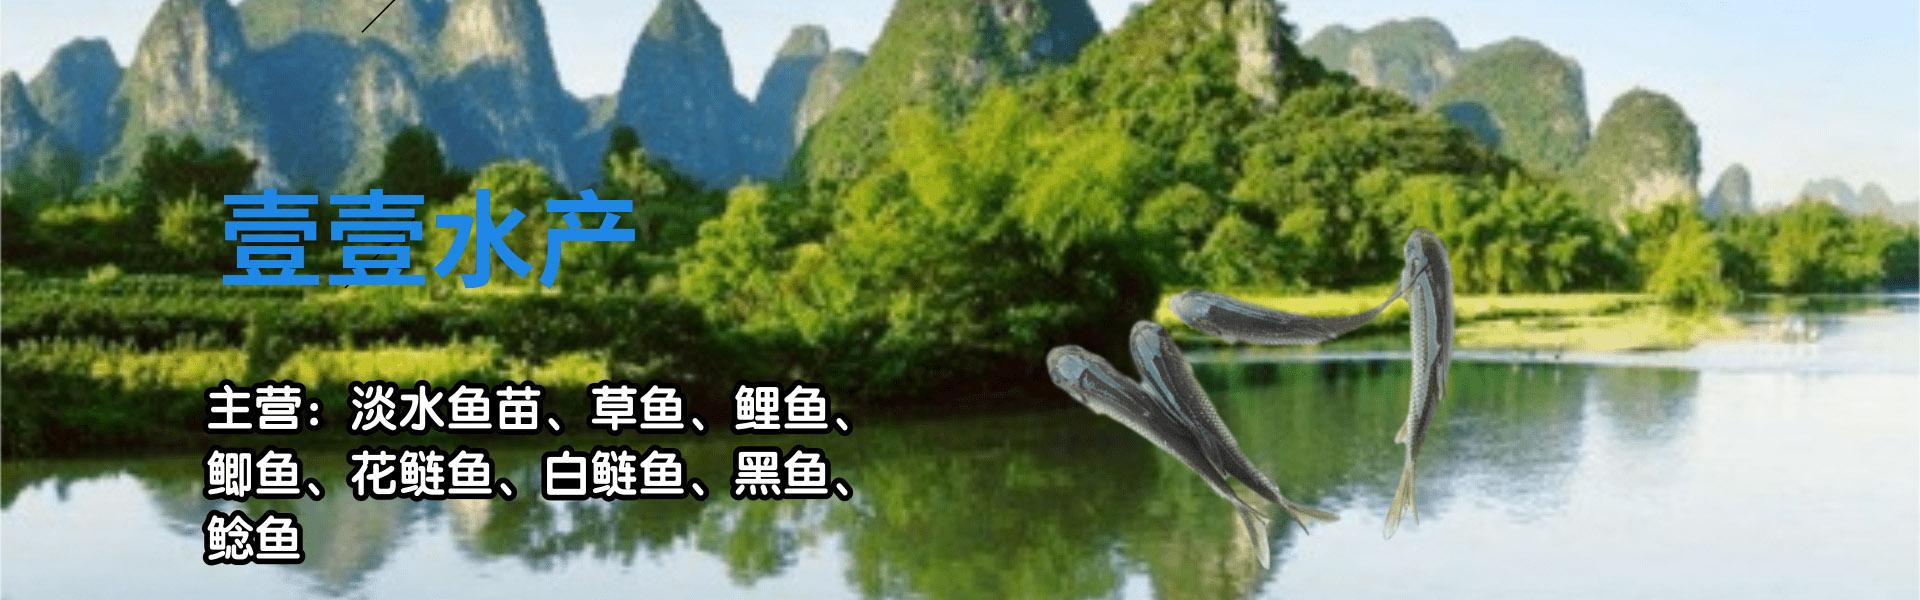 故城县壹壹水产养殖场